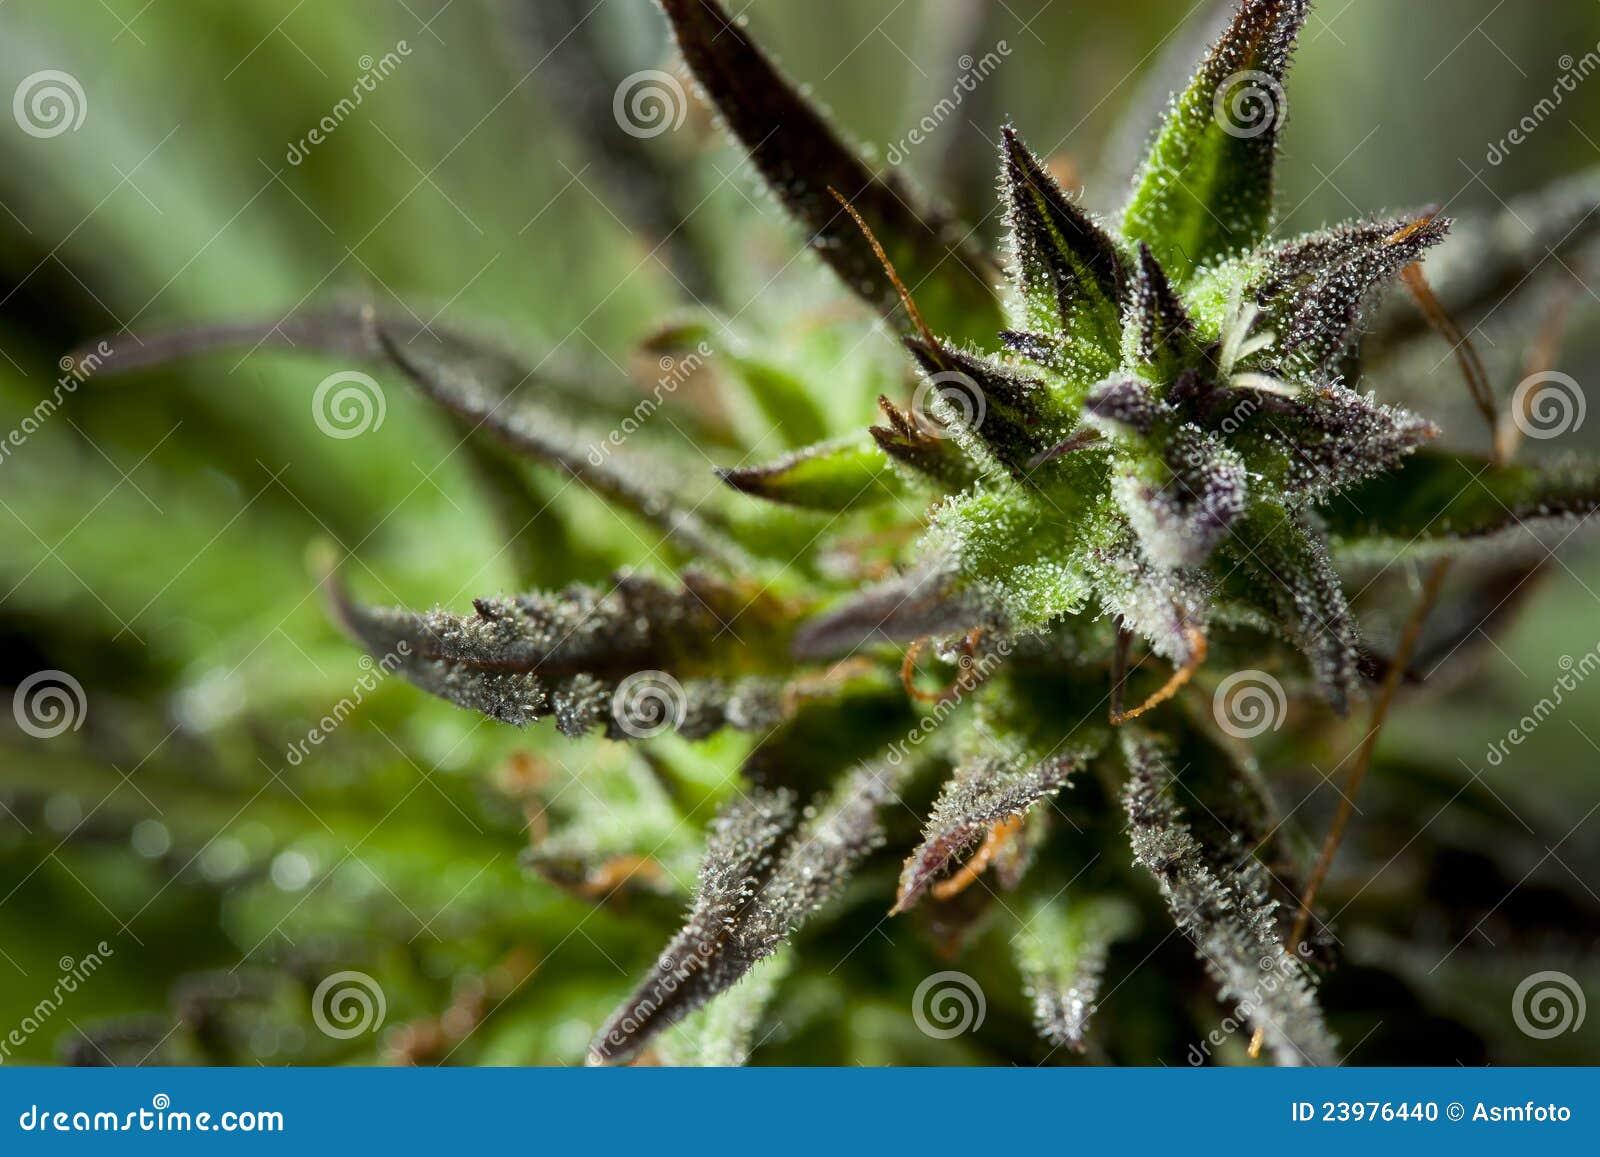 大麻厂的详细照片